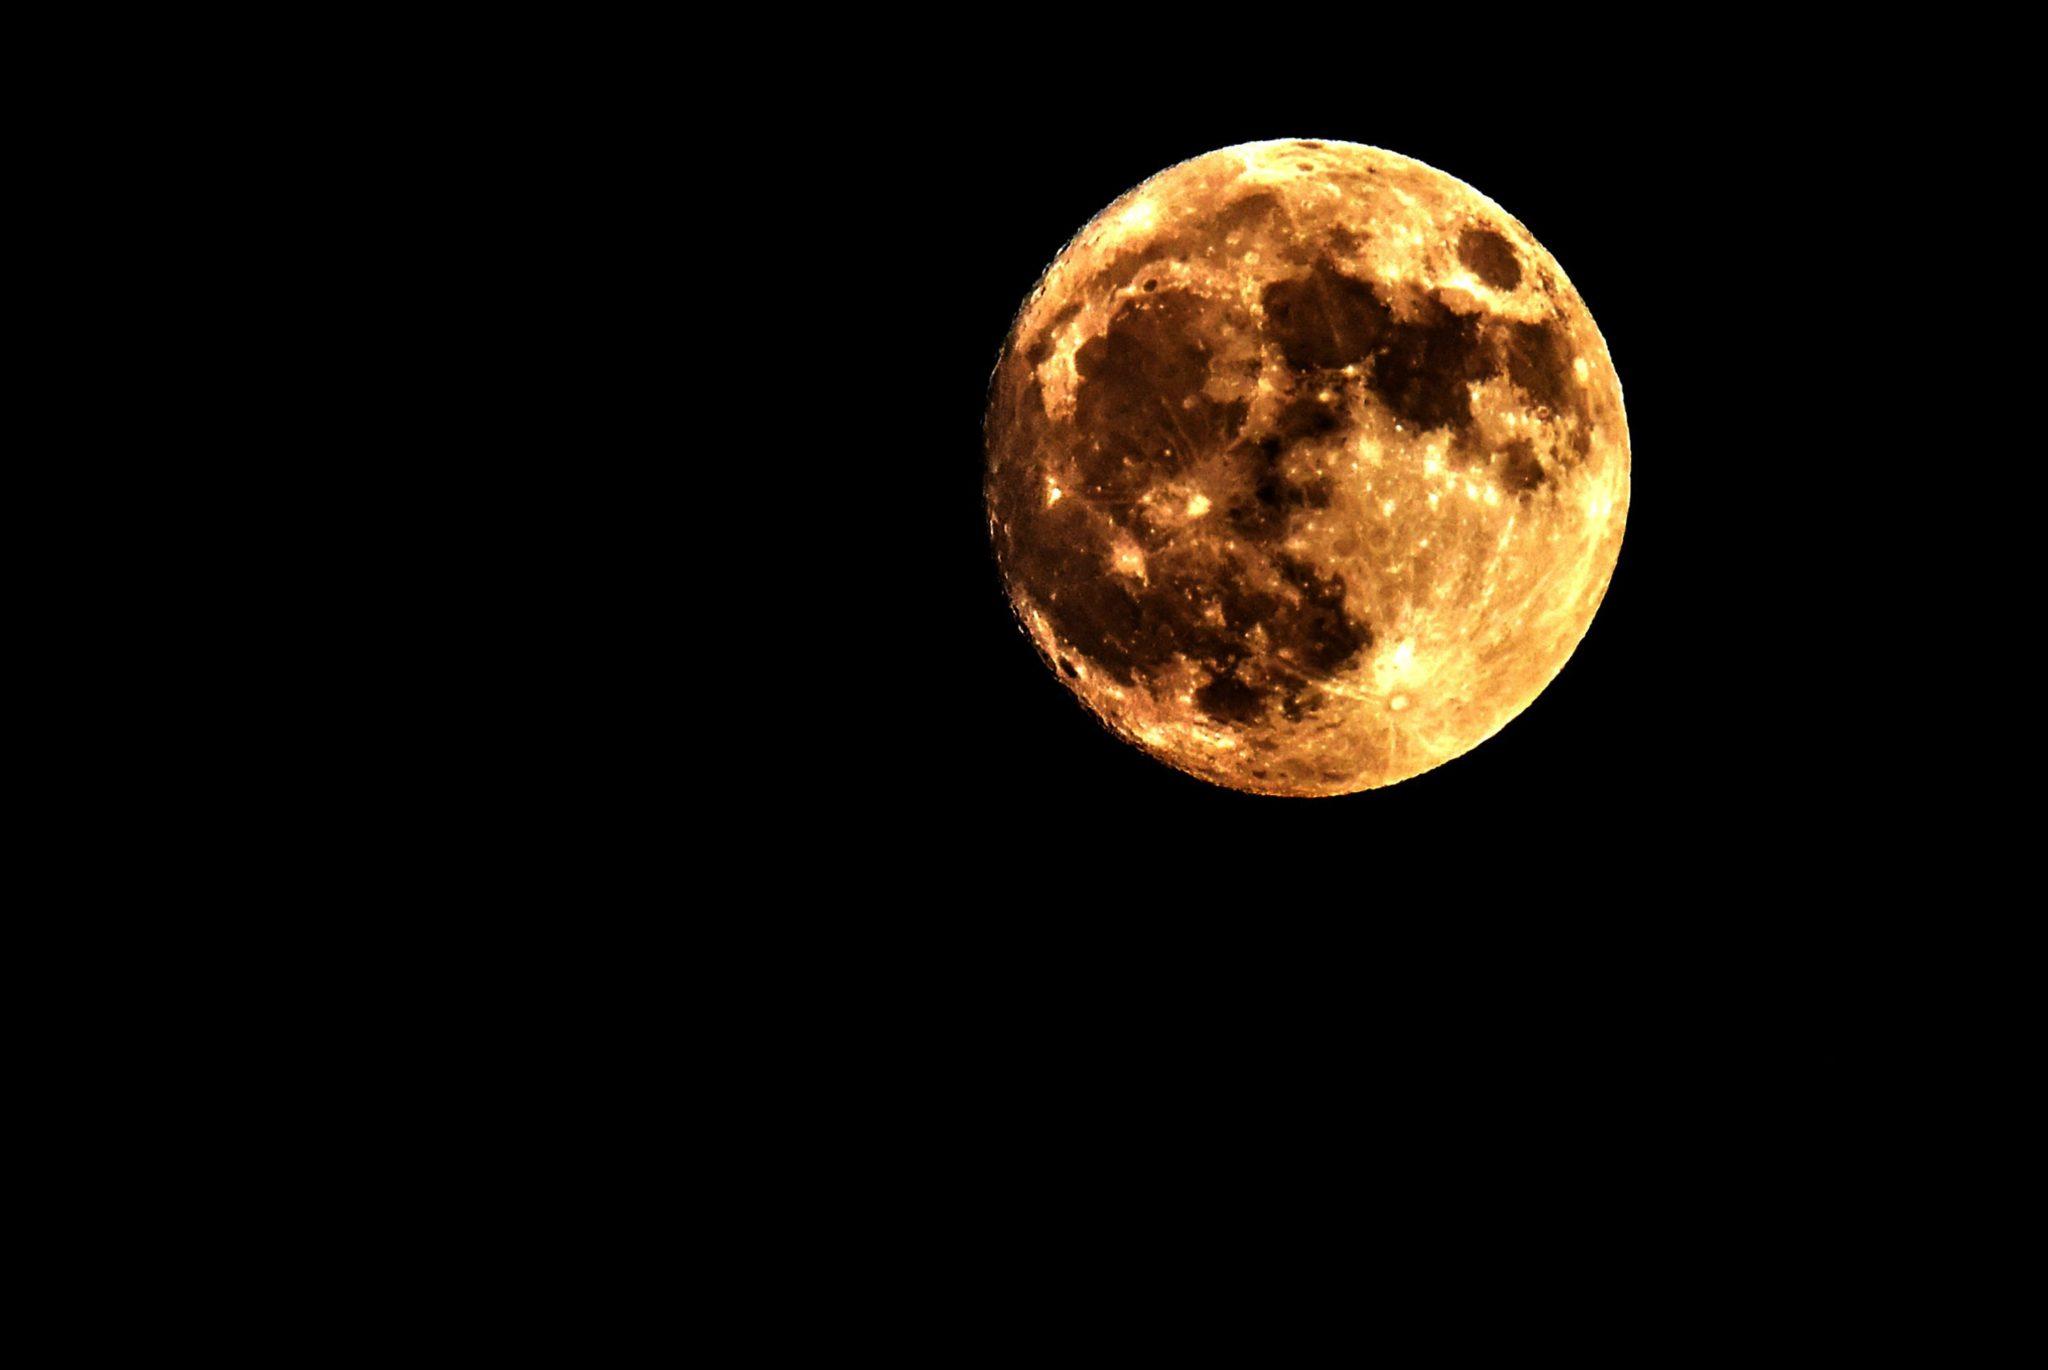 Księżyc wstaje nad miastem Skopje. Dzień przed momentem, w którym księżyc będzie najbliżej ziemi od 70 lat. Skopje, Macedonia.